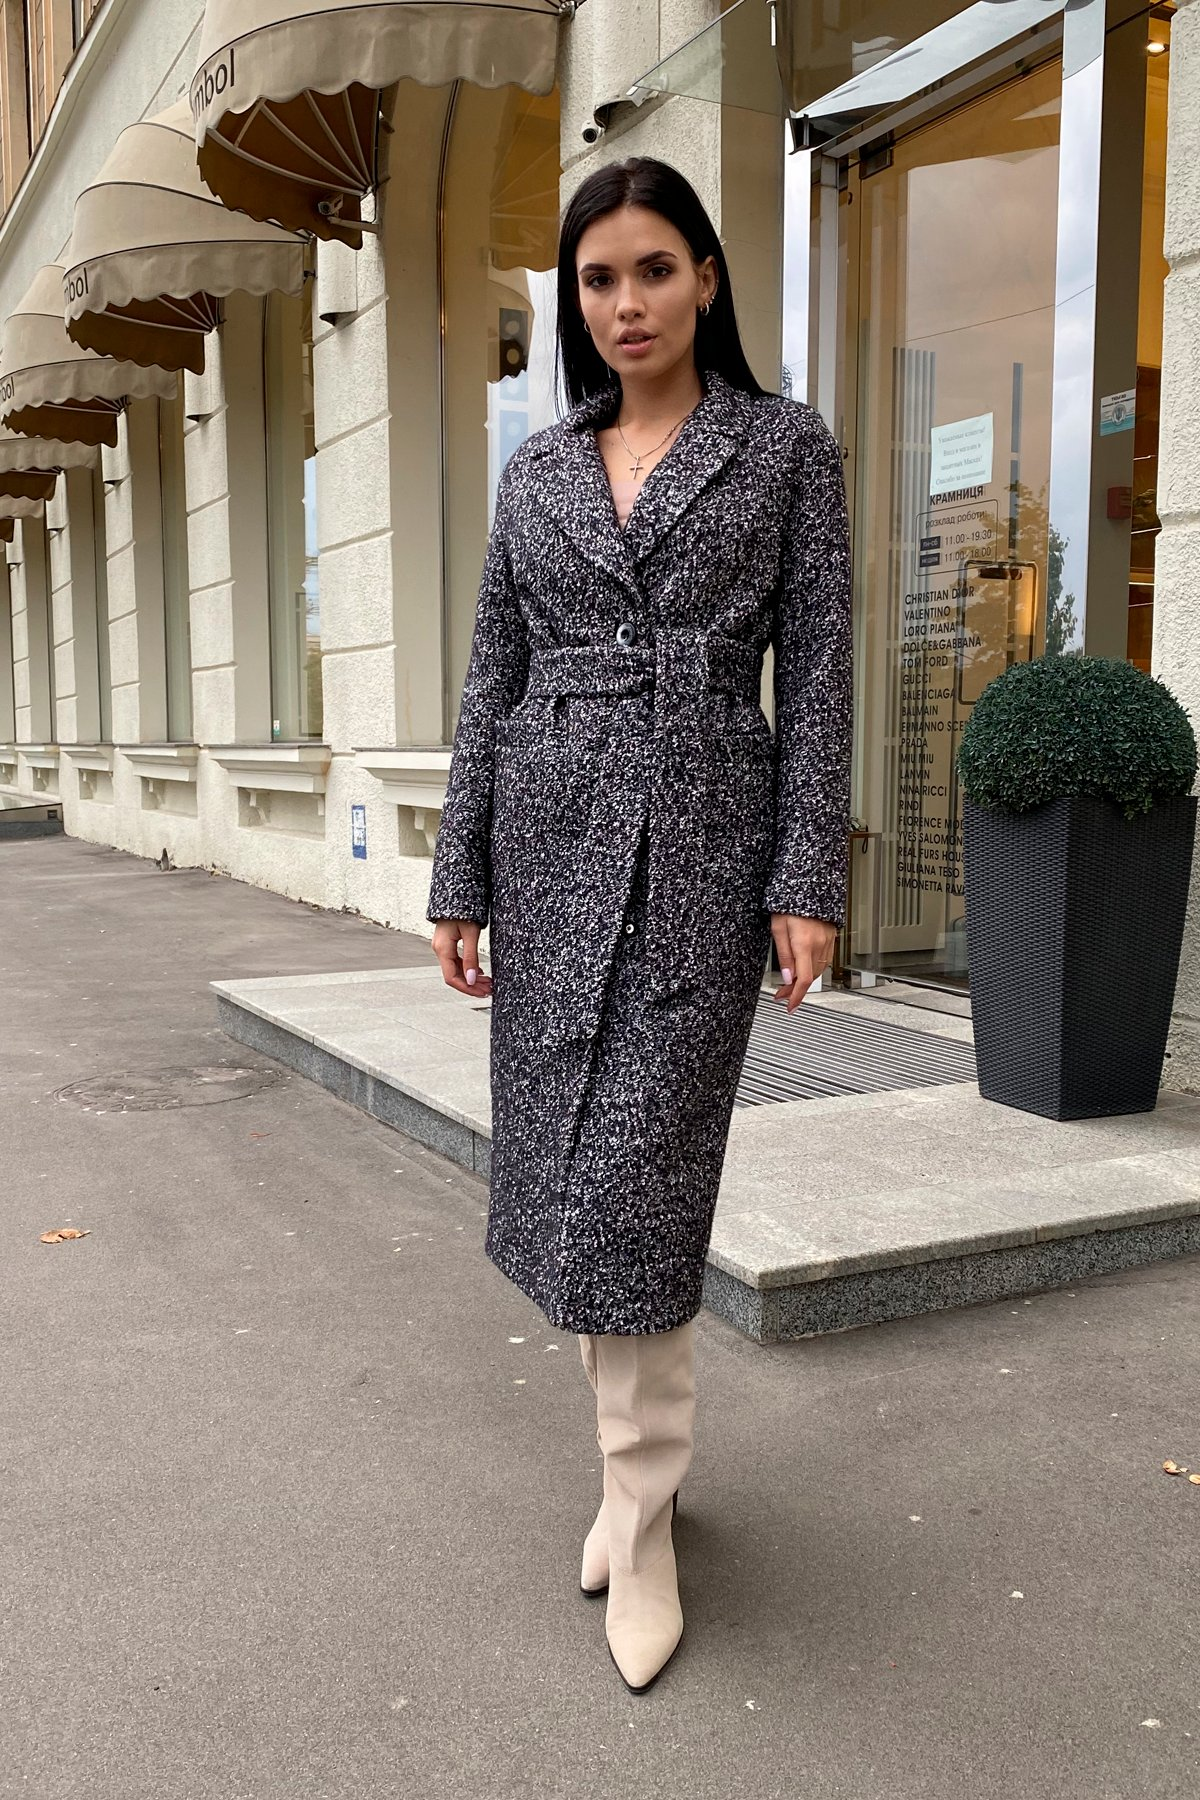 Теплое зимнее пальто буклированная шерсть Вива макси 8349 АРТ. 44517 Цвет: Черный/серый 61 - фото 7, интернет магазин tm-modus.ru